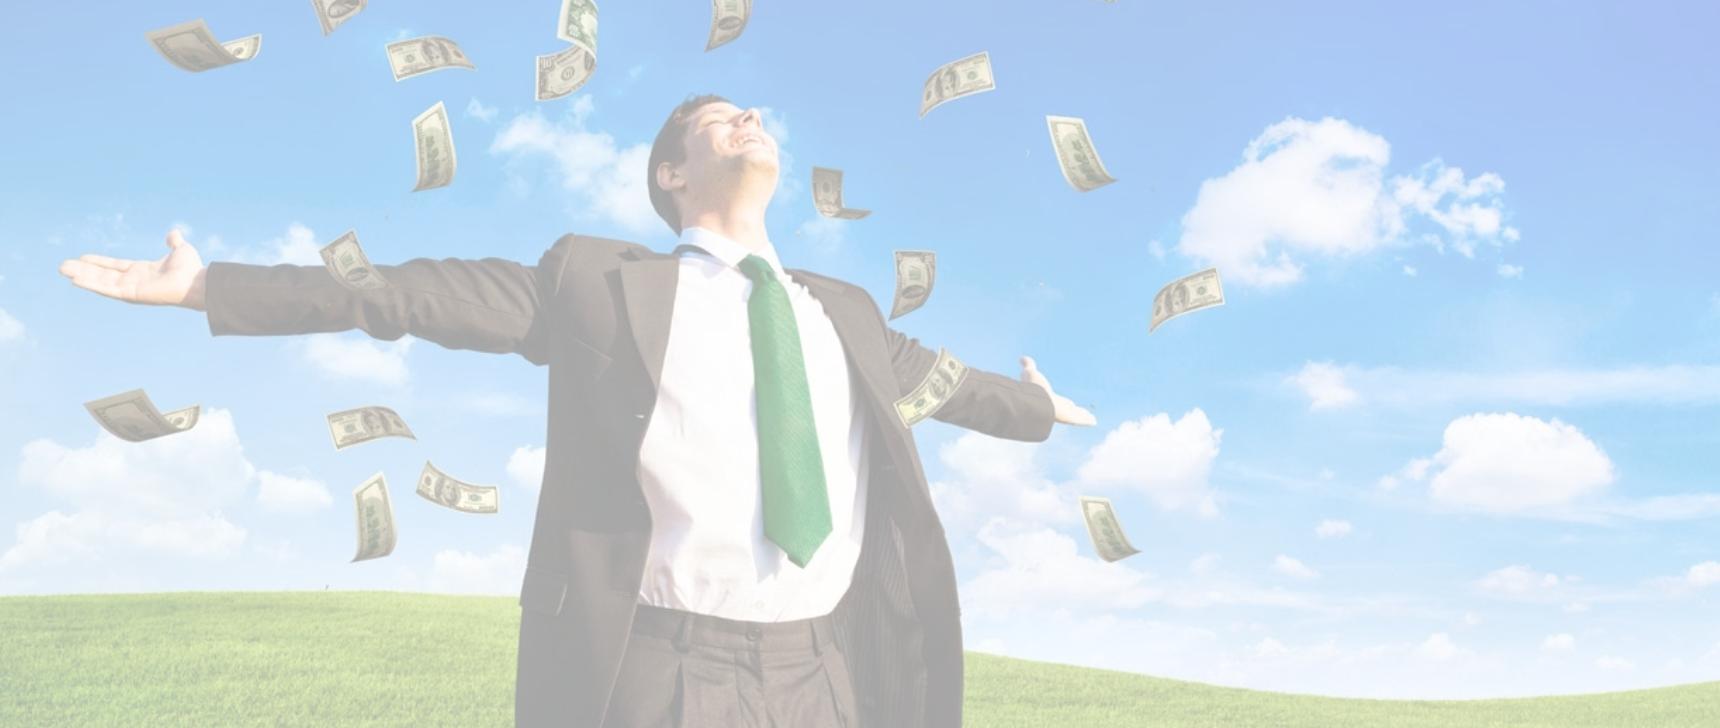 買什麼股票能令你將來財務自由?